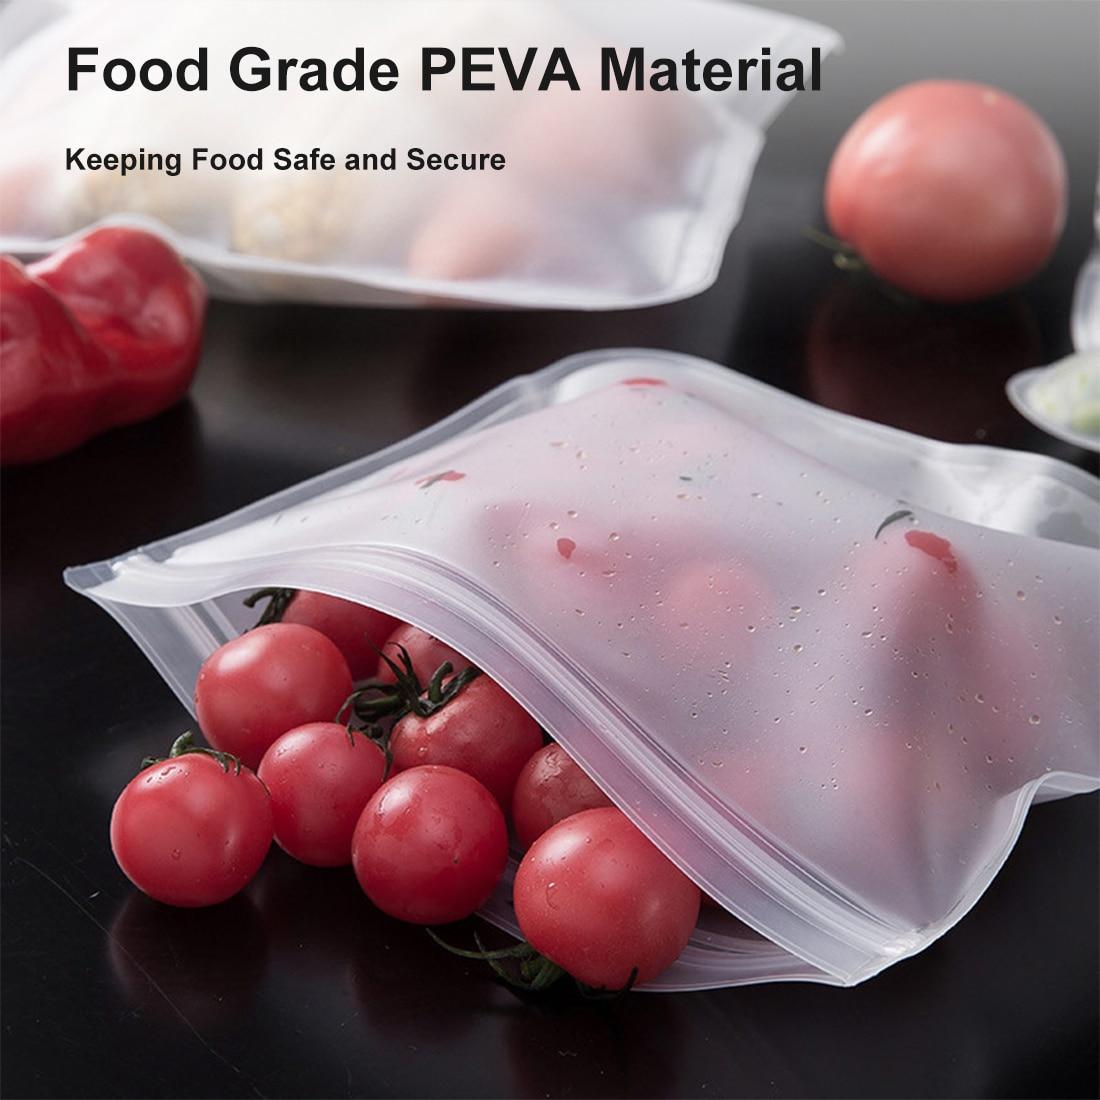 Силиконовые контейнеры для хранения пищевых продуктов, пакет для хранения пищевых продуктов, герметичные контейнеры для свежести, многора...